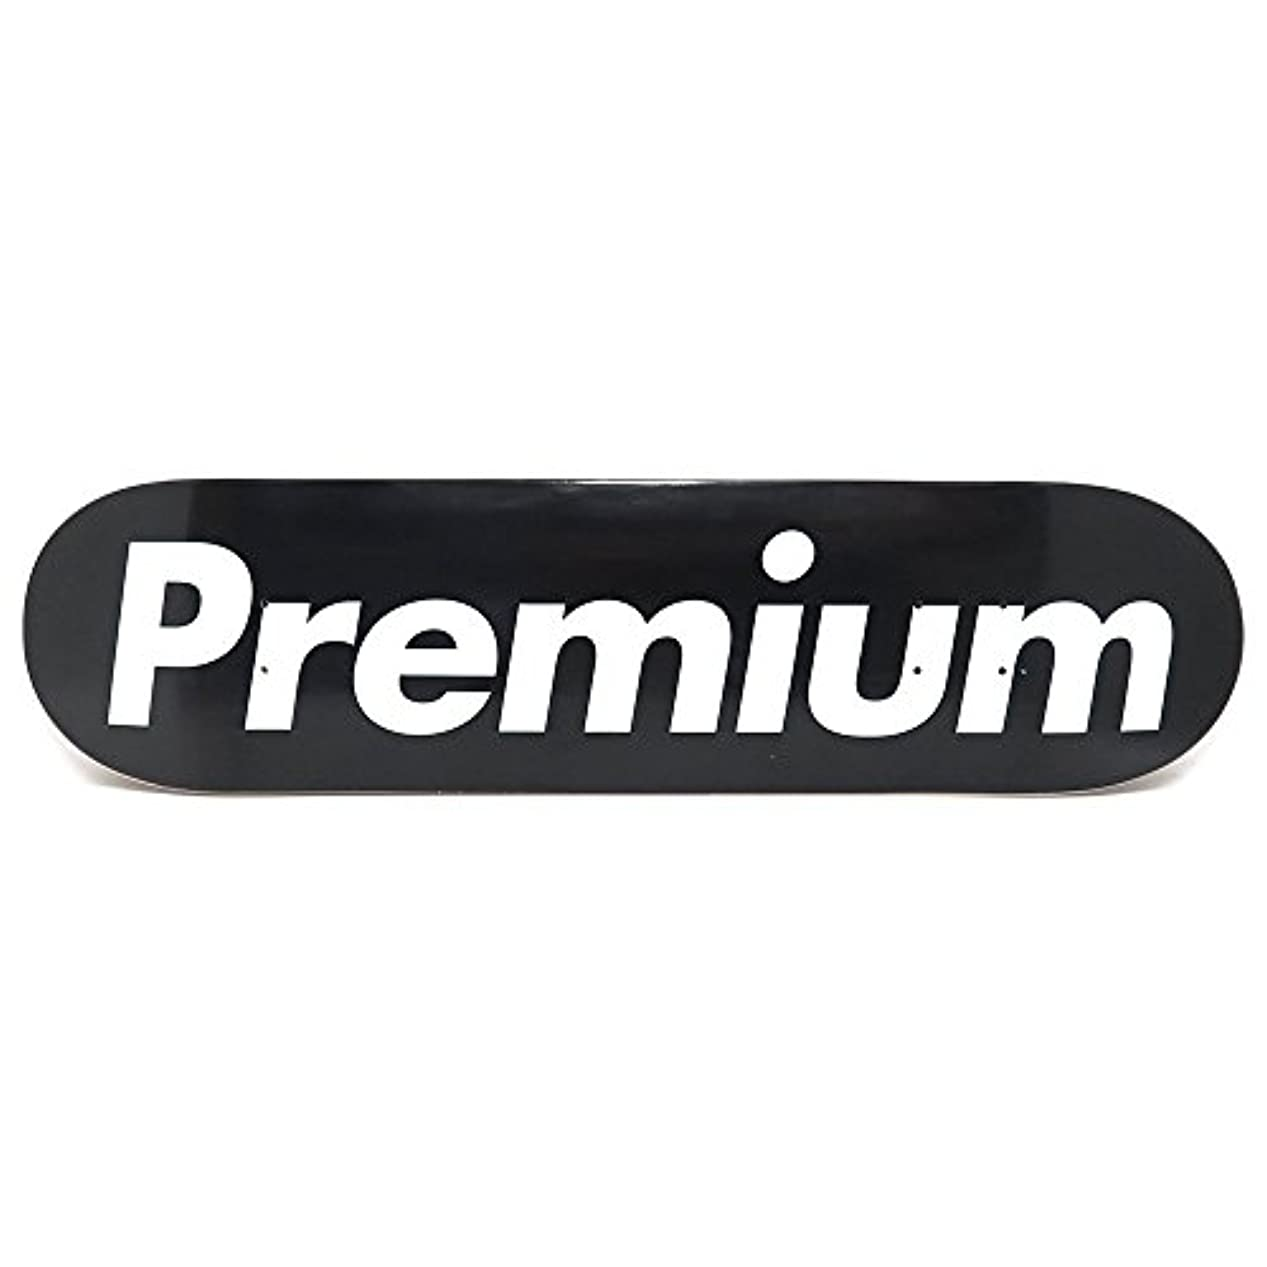 平手打ち賞賛ホステスPREMIUM DECK プレミアム デッキ TEAM SUPREMIUM BLACK 7.875 スケートボード スケボー SKATEBOARD